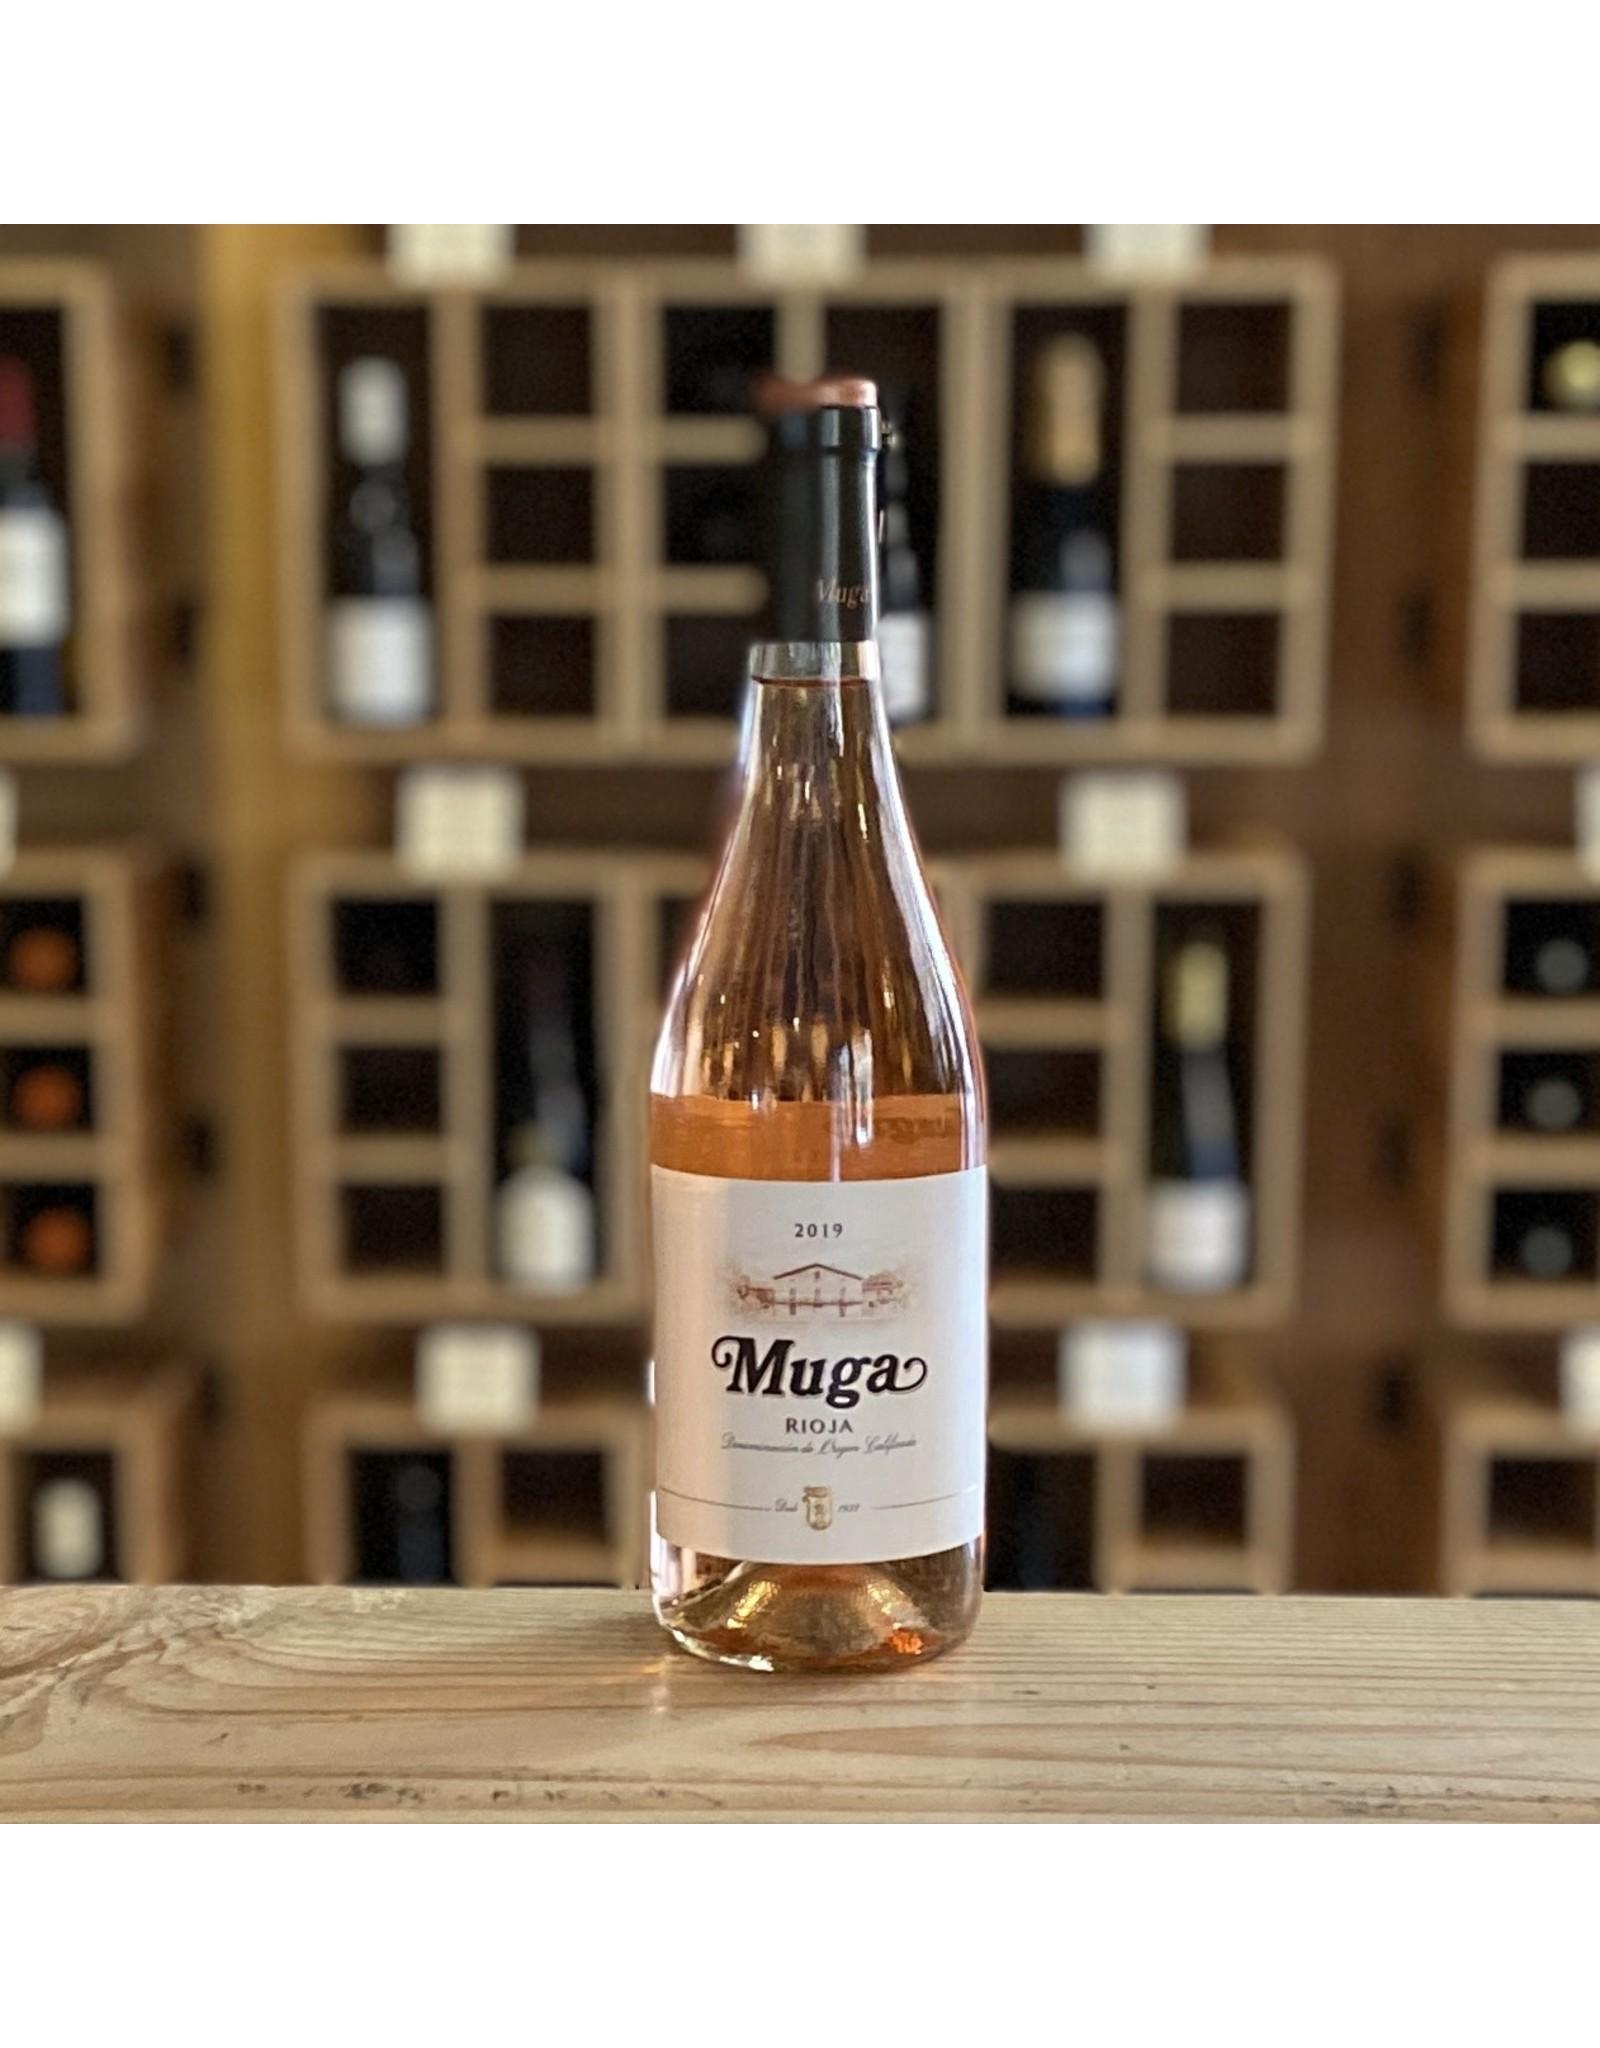 Rioja Muga Rosado 2019 - Rioja, Spain